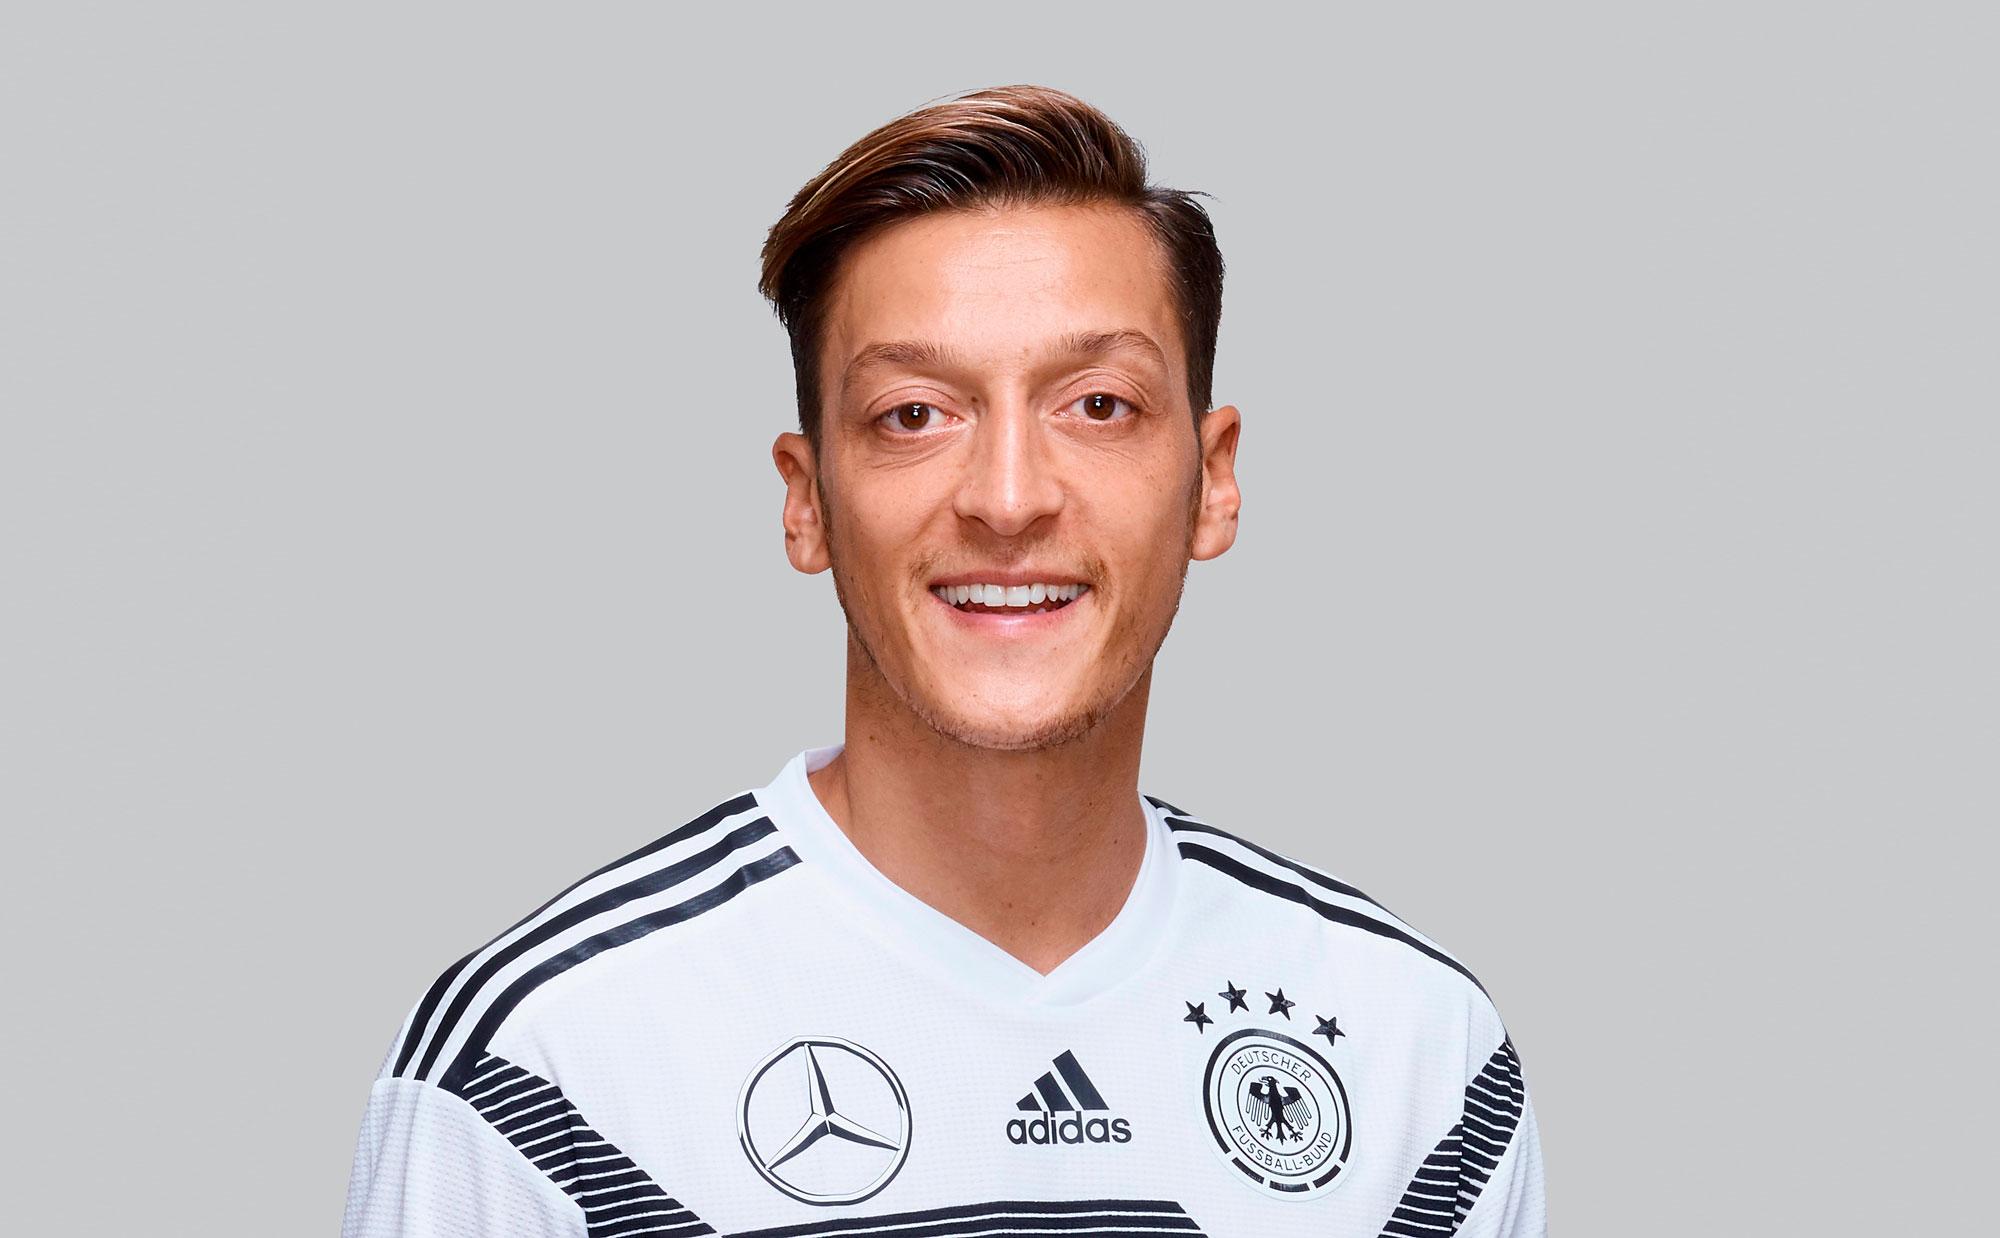 Mesut özil Deutschland